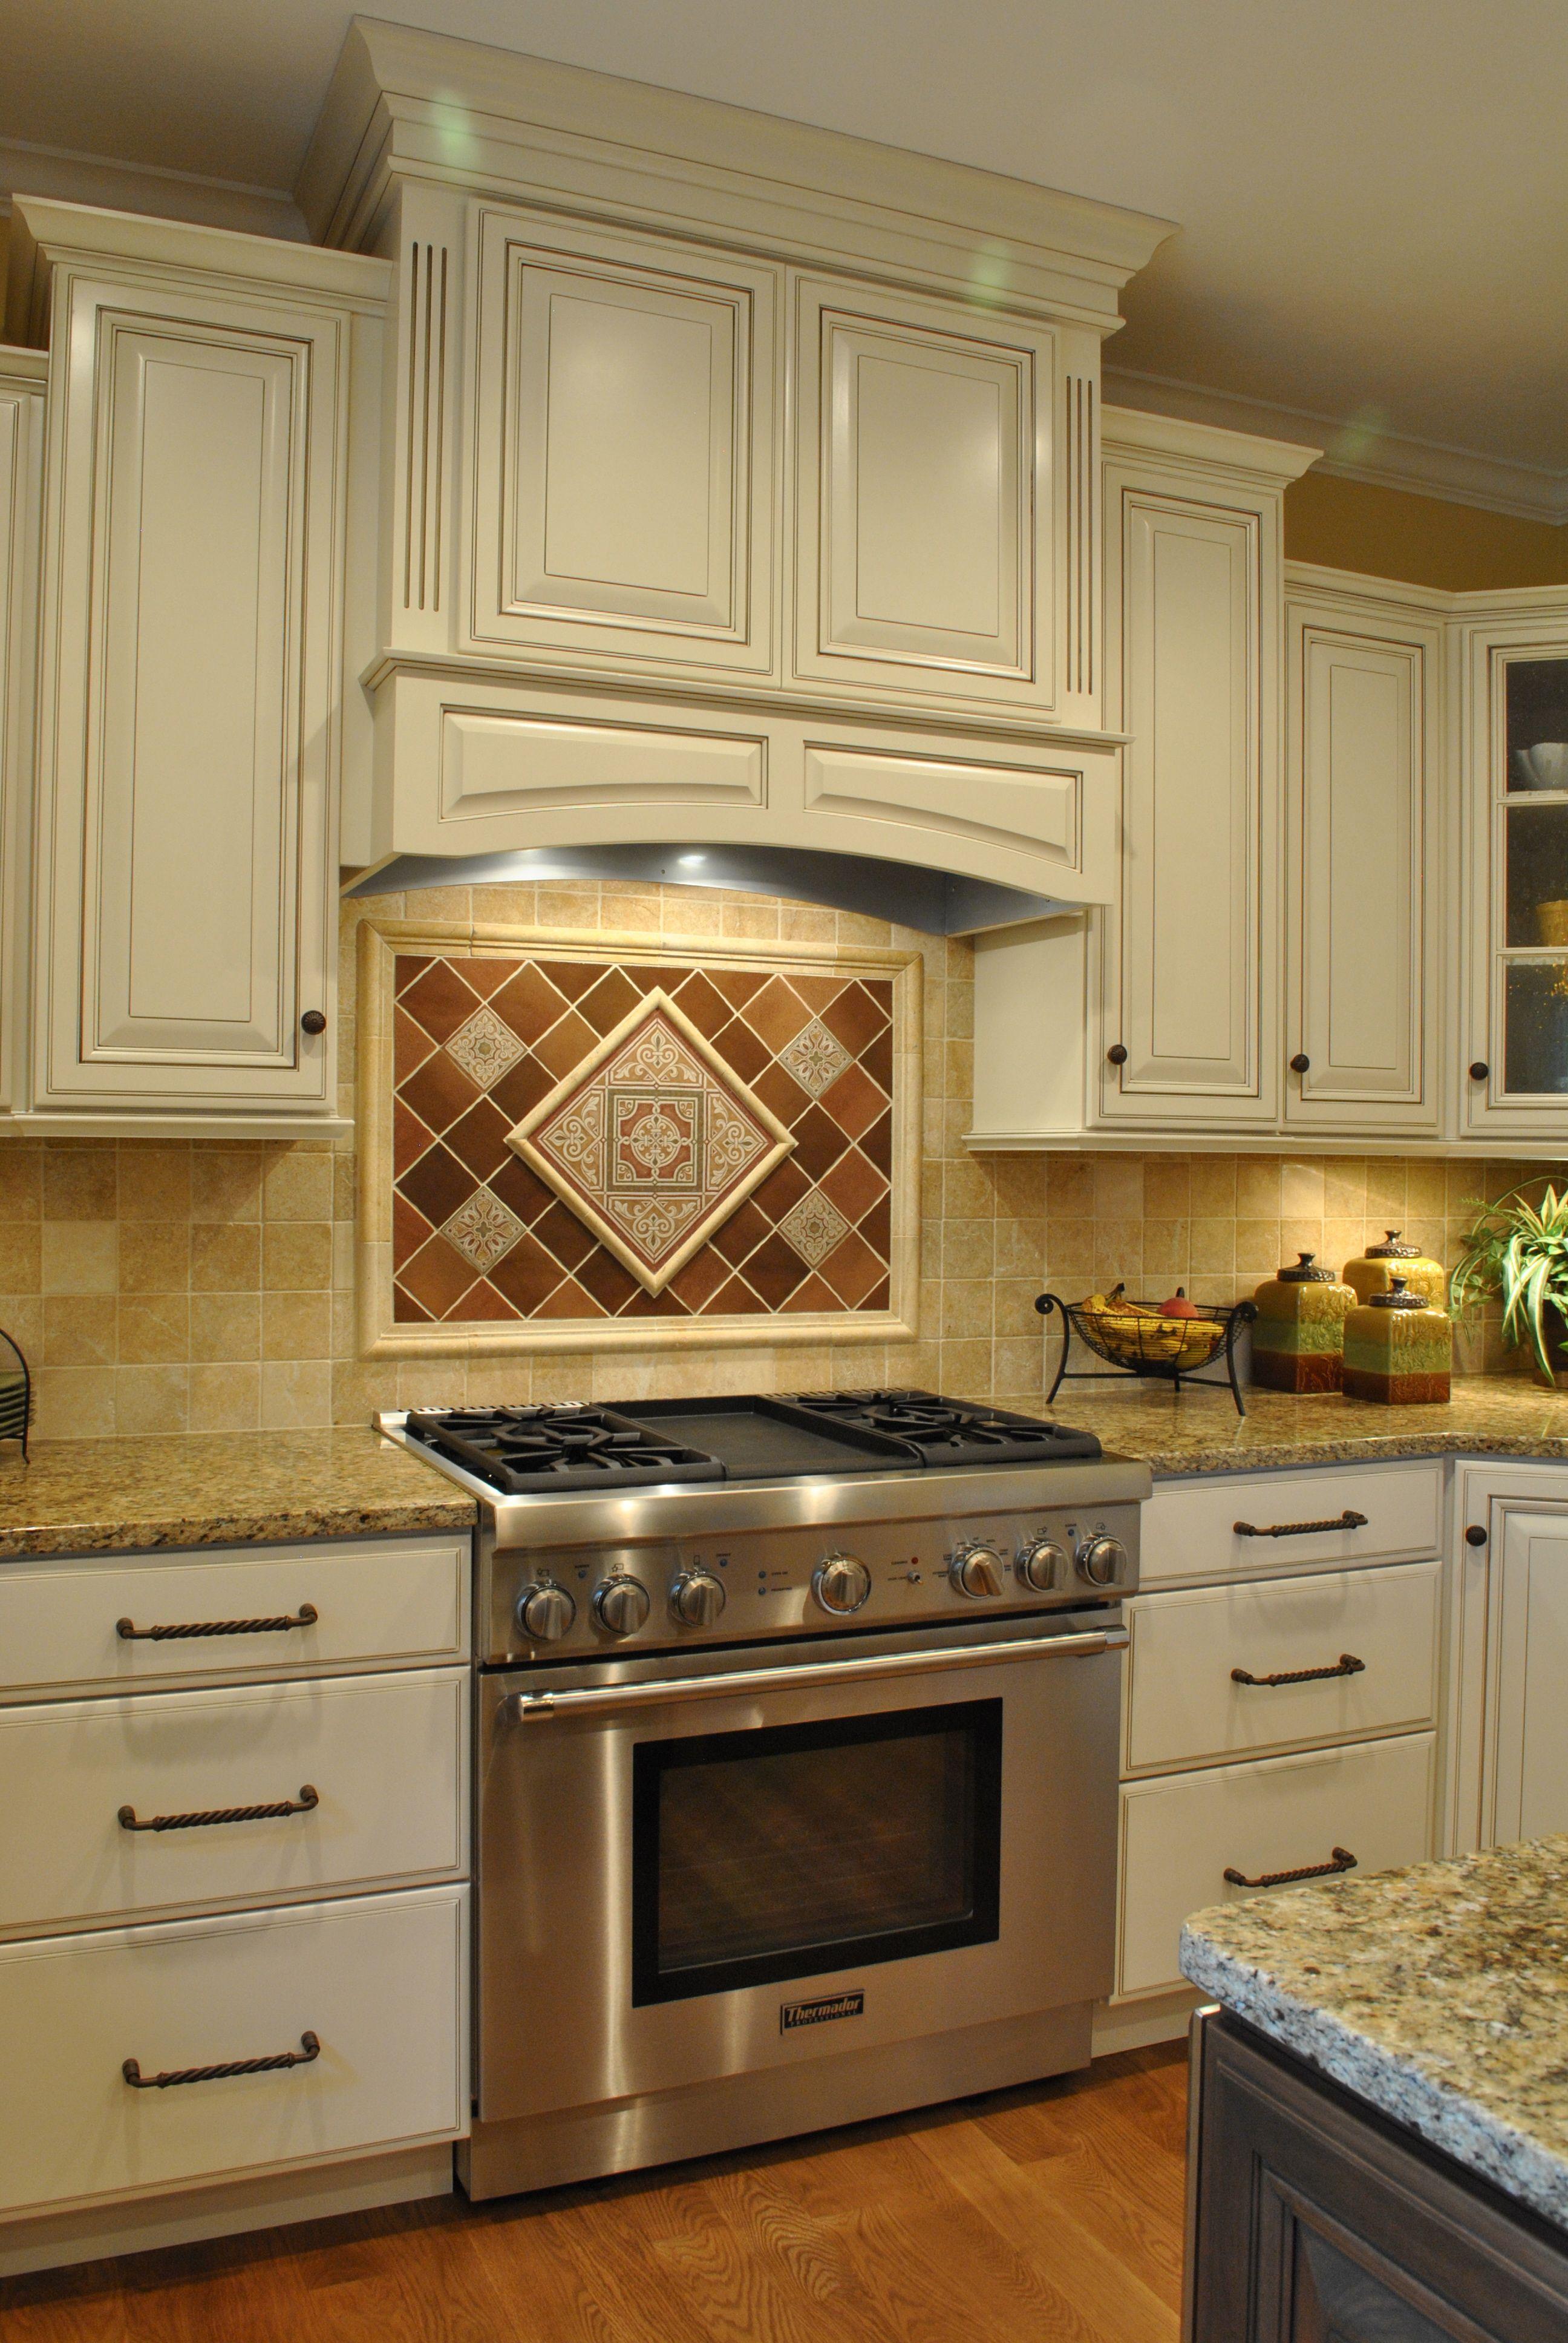 Decorative Backsplash Tile Decorative Backsplash Tile Slide In Rangeoven  Kitchens